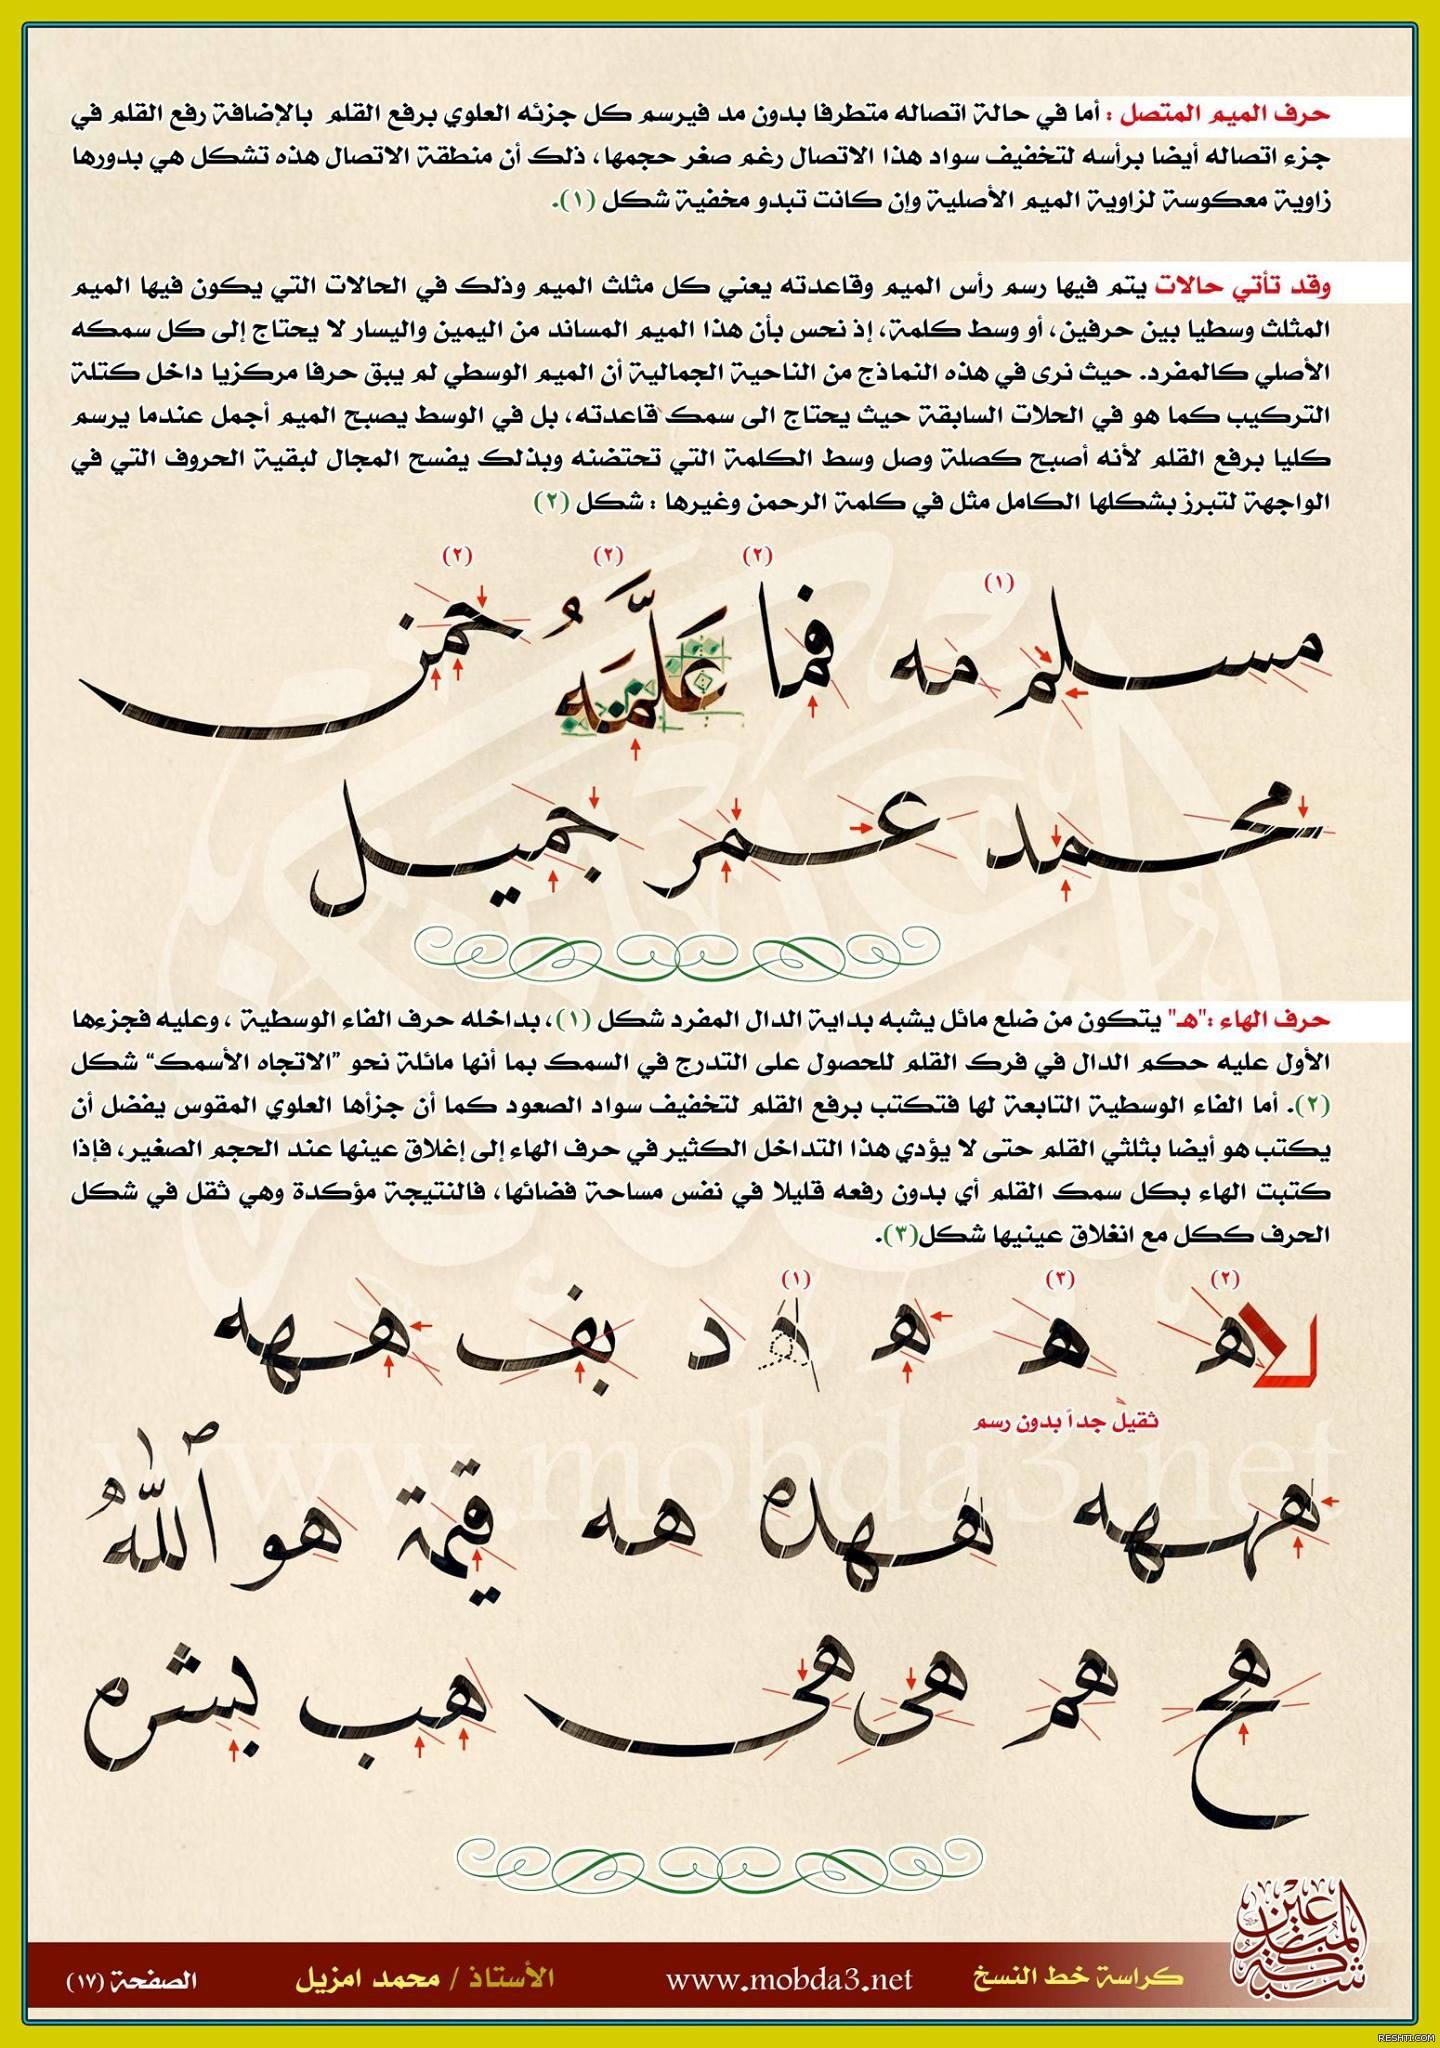 أسرار الرسم في خط النسخ - محمد أمزيل 10